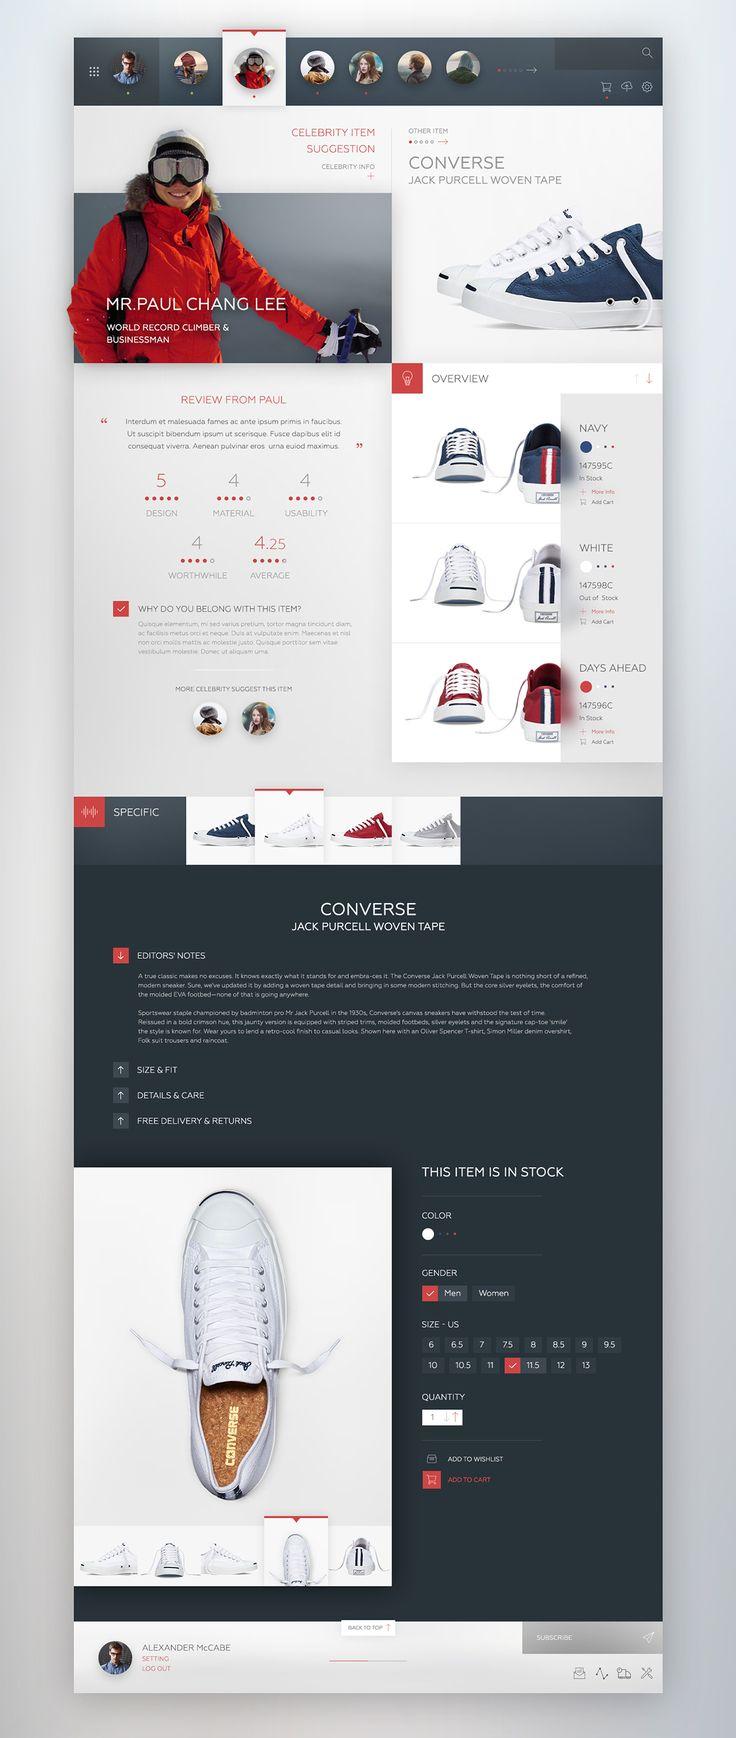 Trendme on Web Design Served